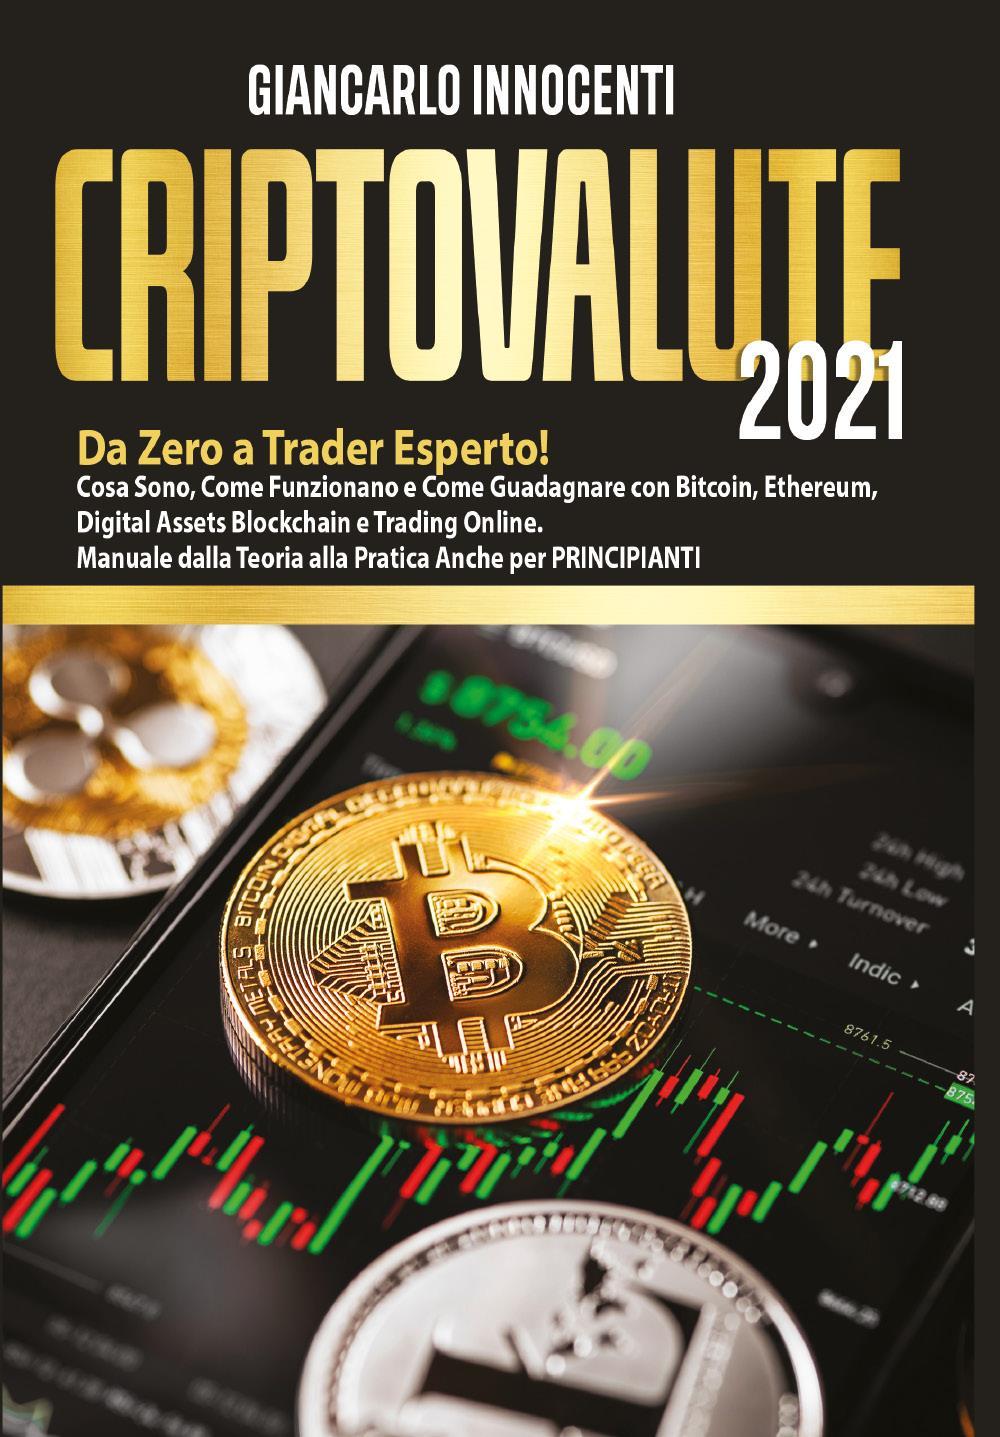 CRIPTOVALUTE 2021; Da Zero a Trader Esperto! Cosa Sono, Come Funzionano e Come Guadagnare con Bitcoin, Ethereum, Digital Assets Blockchain e Trading Online. Manuale dalla Teoria alla Pratica Anche per PRINCIPIANTI